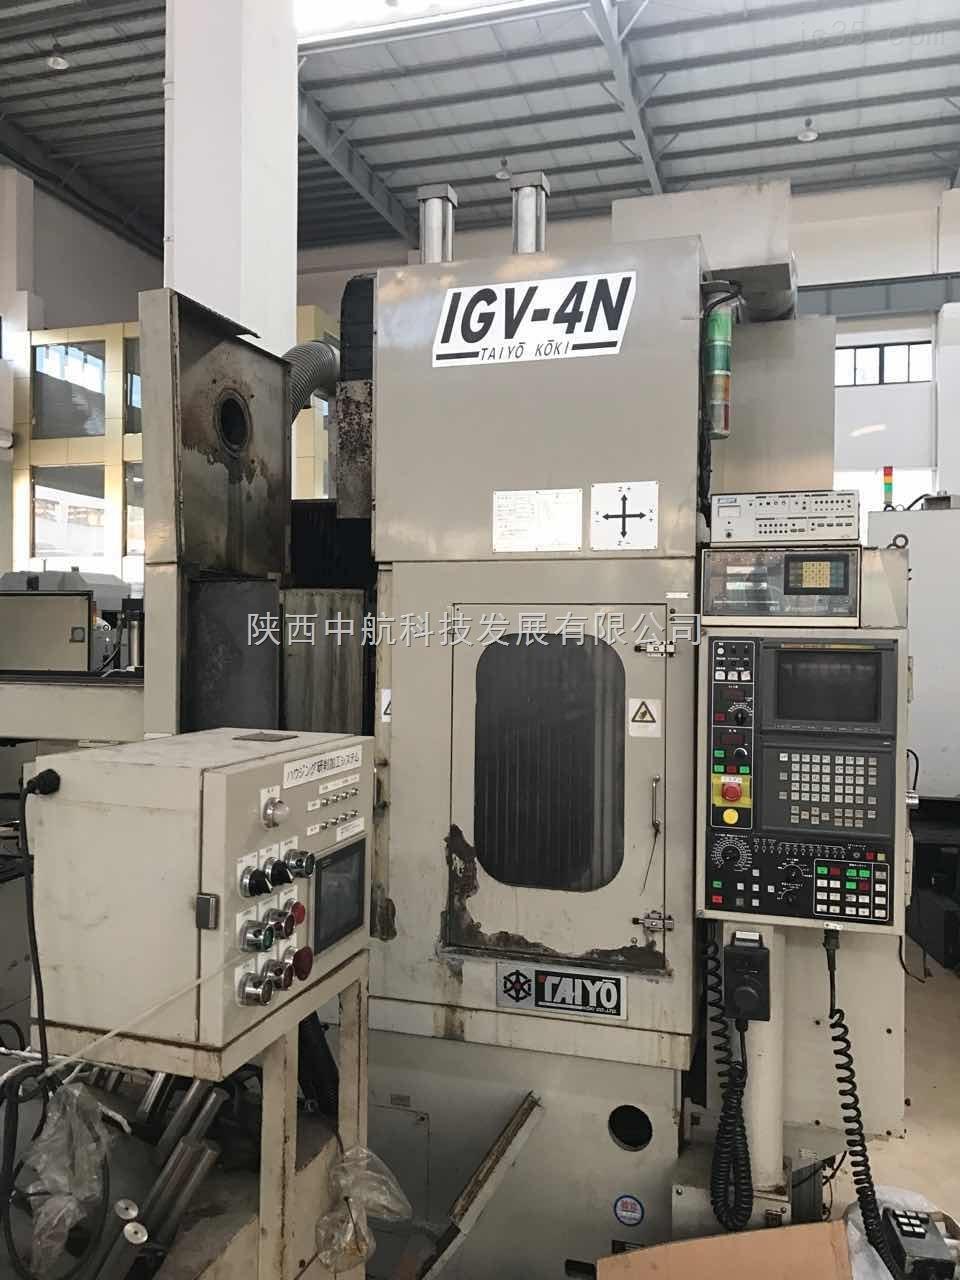 日本太阳工机IGV-4N数控立式内外圆磨床